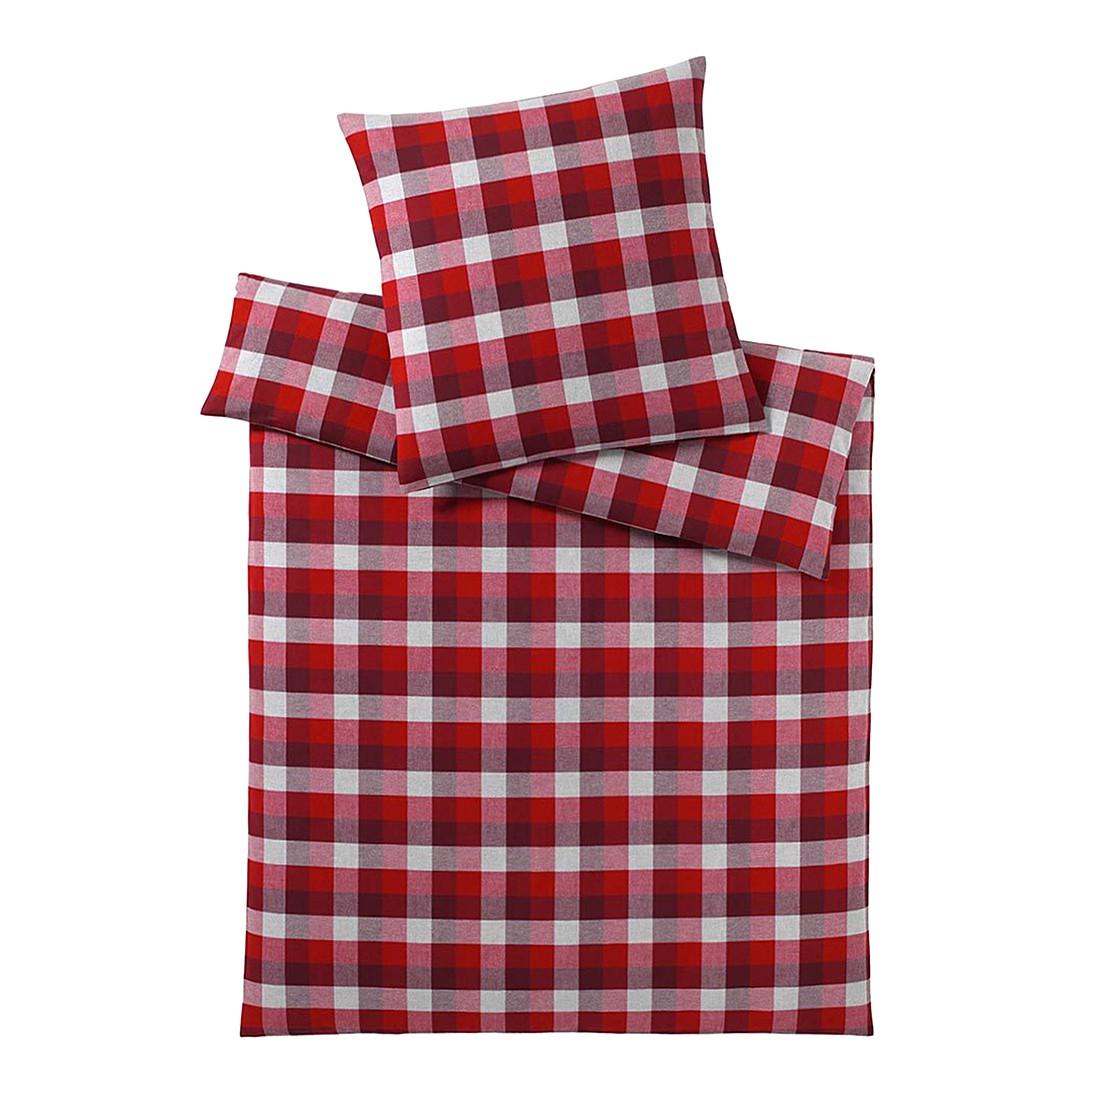 Bettwäsche Estate Burgund – Baumwolle – Rot – 135X200 cm + 80X80 cm, elegante jetzt kaufen